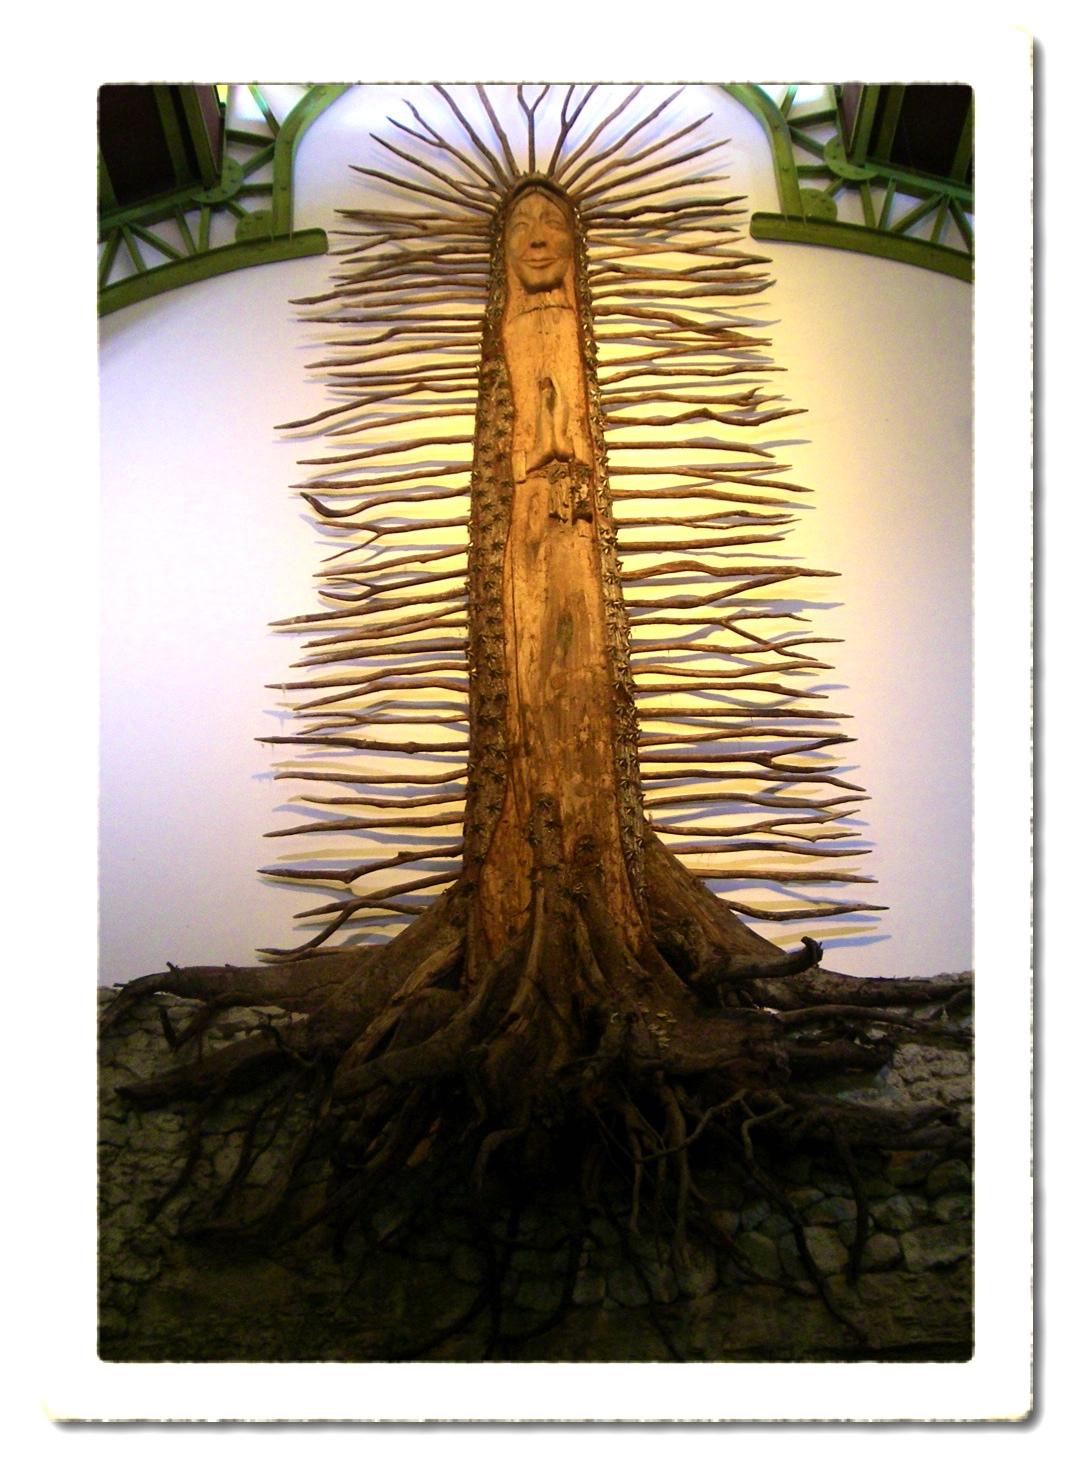 http://1.bp.blogspot.com/-F0WmbSFSZ5o/TZTanNjvgRI/AAAAAAAAA-c/2B4dN_Ywo-Y/s1600/Tree+Madonna+Goddess+Tulum%252C+Mexico.jpeg